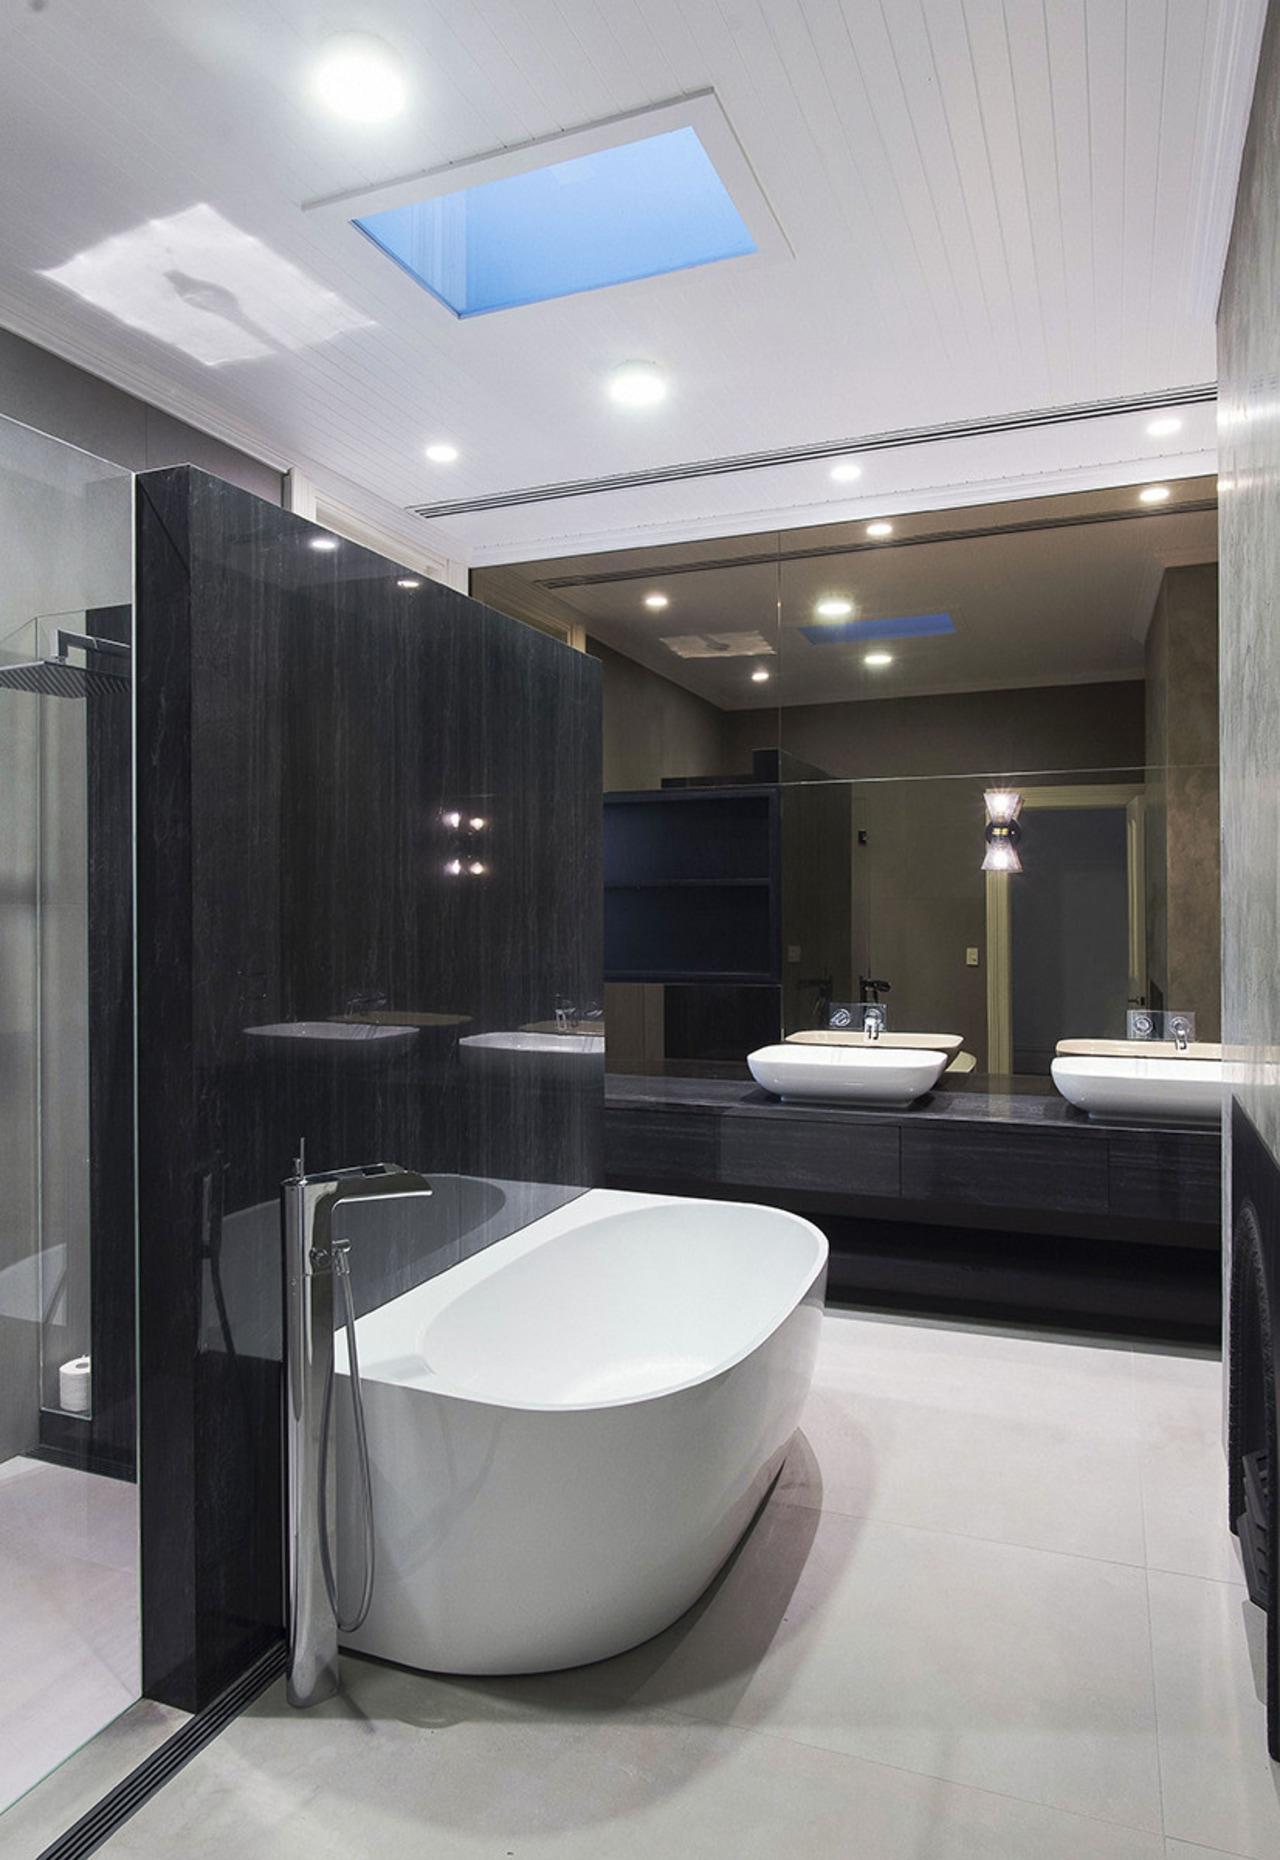 This home's main bathroom – in the original bathroom, floor, interior design, plumbing fixture, room, sink, gray, black, skylight